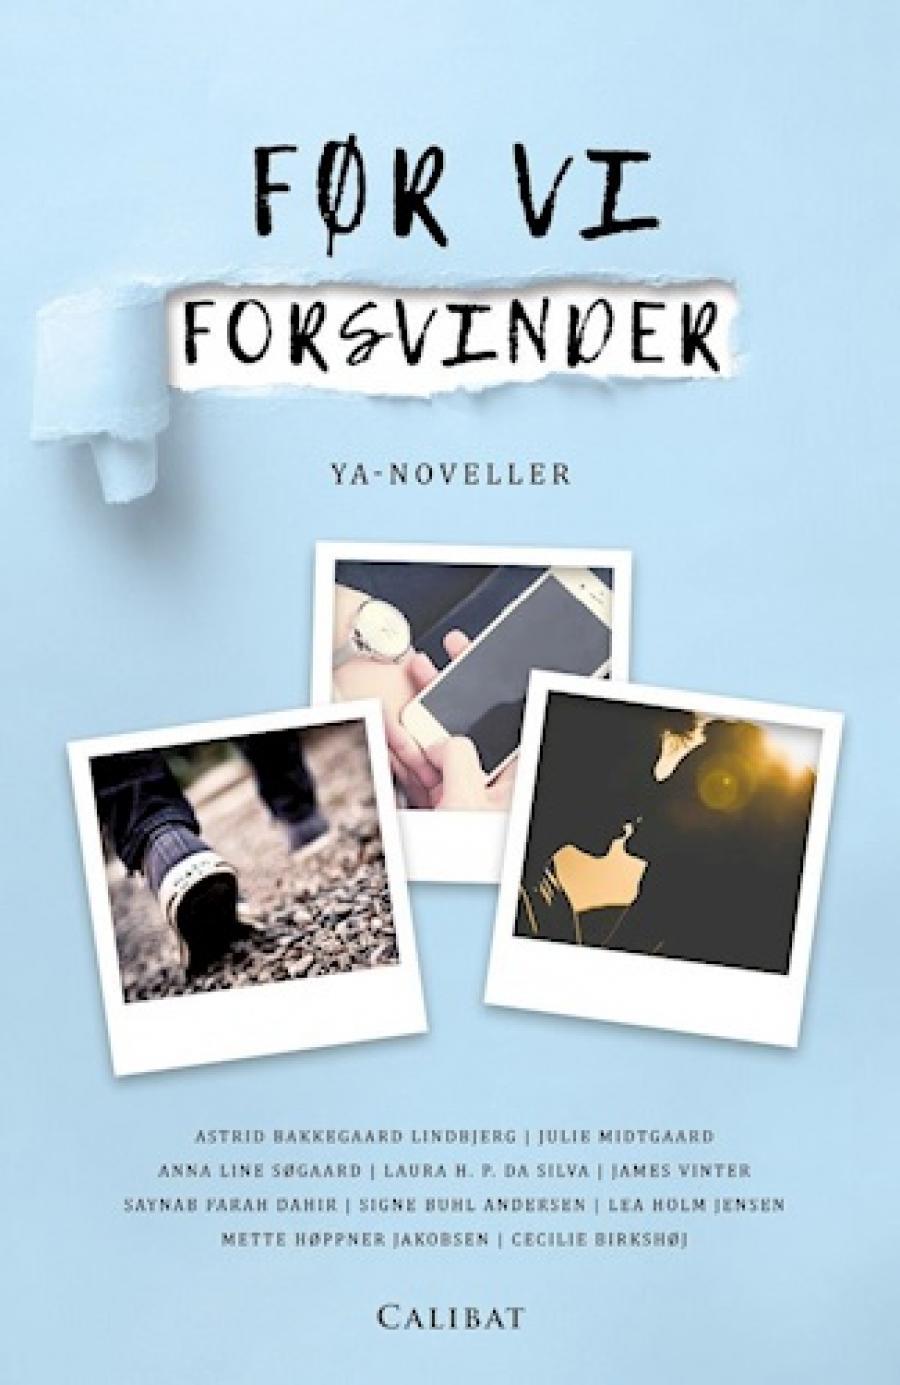 Før vi forsvinder : YA-noveller